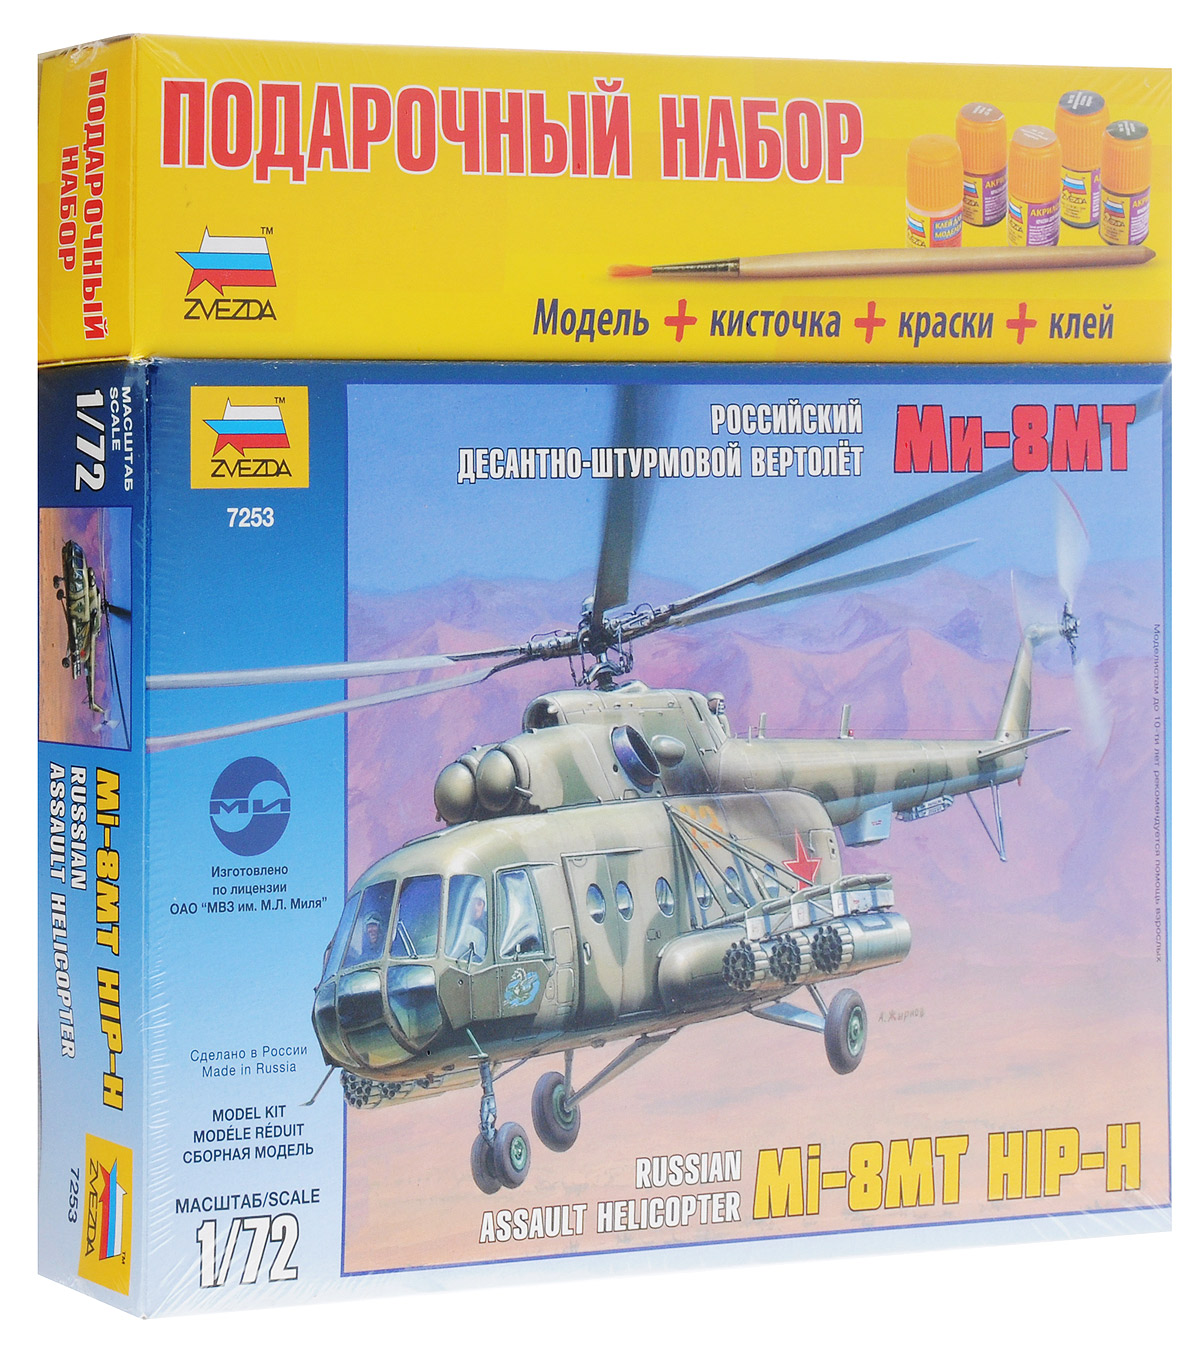 """С помощью сборной модели Звезда """"Десантно-штурмовой вертолет Ми-8МТ"""" вы и ваш ребенок сможете собрать уменьшенную копию российского штурмового вертолета Ми-8МТ в масштабе 1:72. Набор включает в себя 178 пластиковых элементов для сборки вертолета, а также схематичную инструкцию. Характер боев в Афганистане выявил острую зависимость войск от вертолетов. В связи с этим в начале 80-х годов КБ Миля модернизировало свой известный вертолет Ми-8. Машину оснастили новыми двигателями с взлетной мощностью по 1900 л.с. и усовершенствовали многие элементы конструкции. Скорость полета возросла до 250 км/ч, потолок - до 5000 м, дальность - до 500 км. Возросшая энерговооруженность позволила значительно усилить огневую мощь за счет увеличения бортового навесного вооружения, а также увеличить маневренность машины, что особенно важно в условиях боев в горах. Процесс сборки развивает интеллектуальные и инструментальные способности, воображение и конструктивное мышление, а также прививает..."""